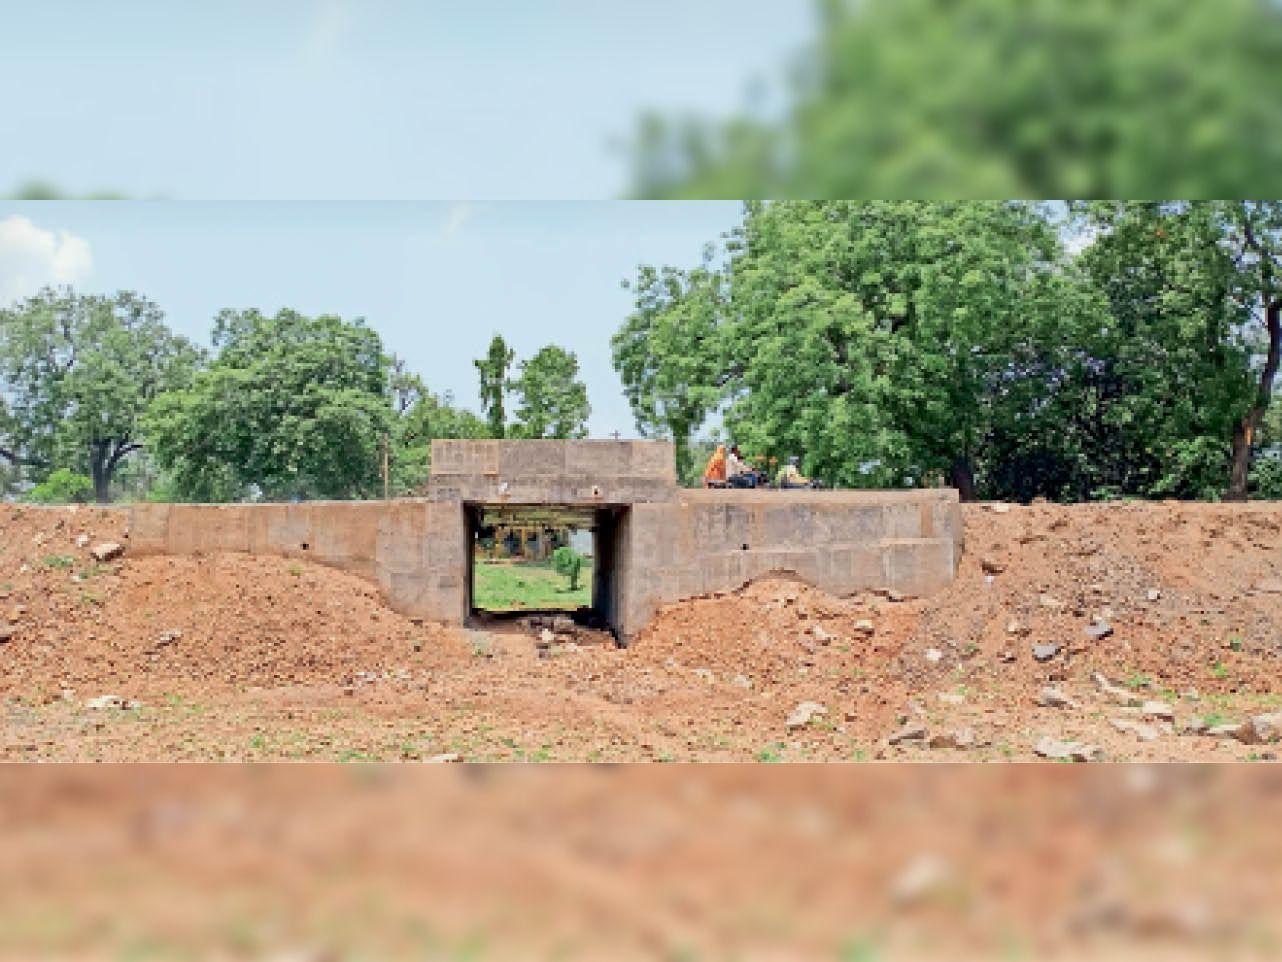 महू. रेलवे काॅलाेनी वाले हिस्से में पुलिया बनकर तैयार हैं। यहां बस अब डामरीकरण हाेने का इंतजार हैं। - Dainik Bhaskar